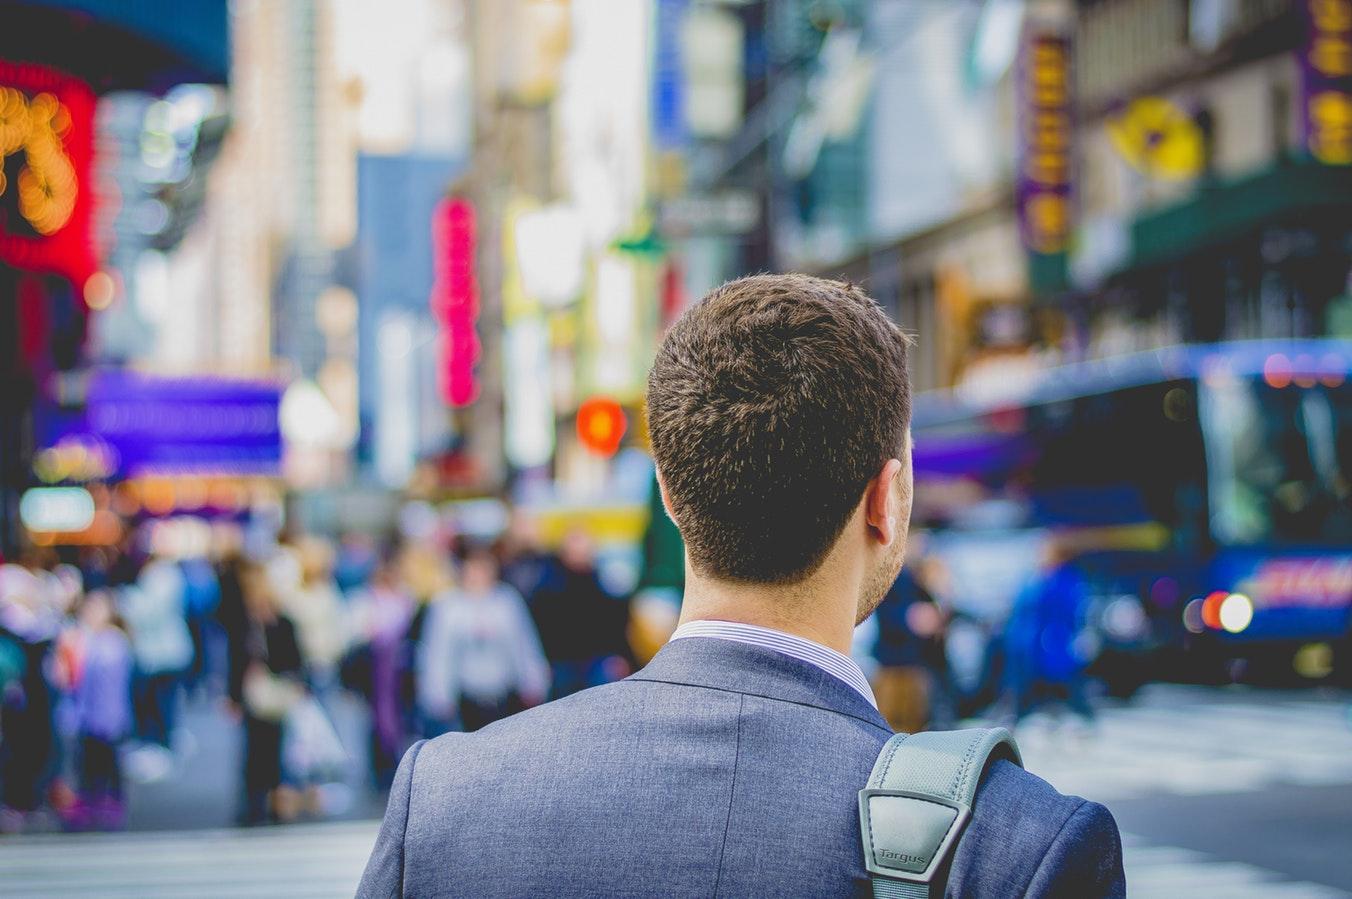 Conheça o Dresscode ideal para a primeira entrevista de emprego